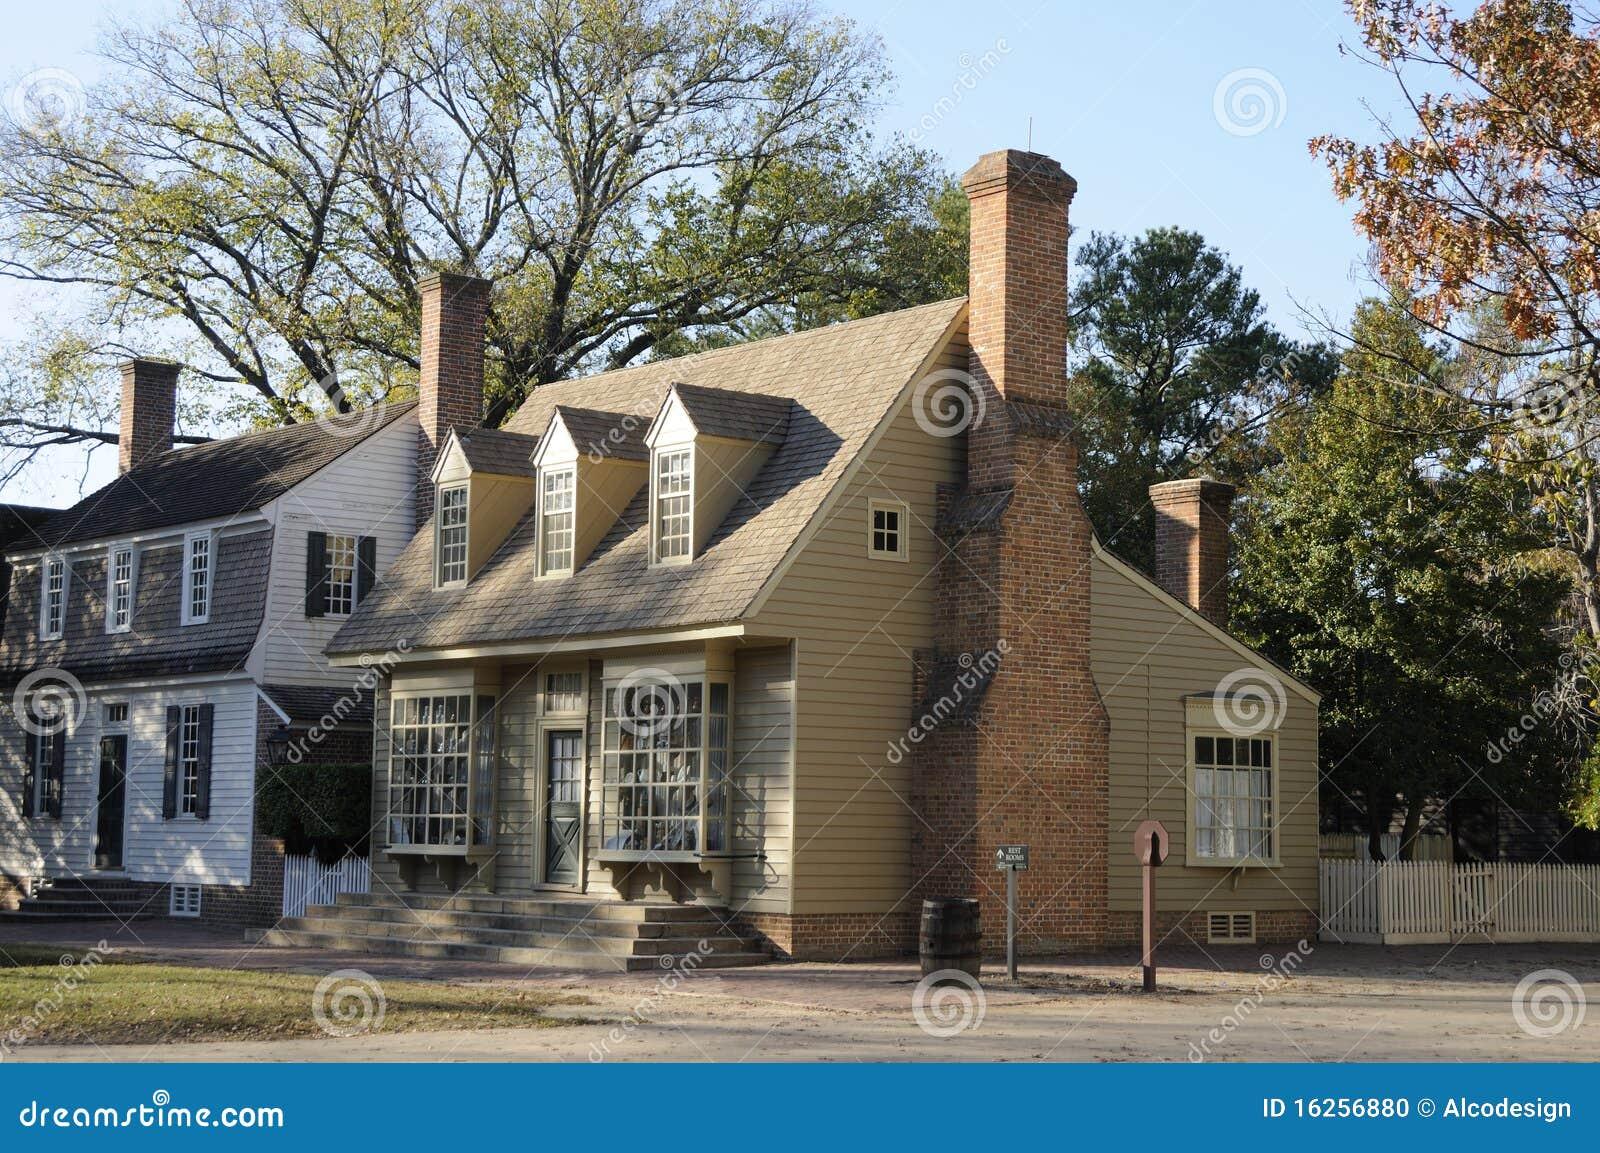 Case coloniali americane fotografia stock immagine 16256880 for Foto case americane